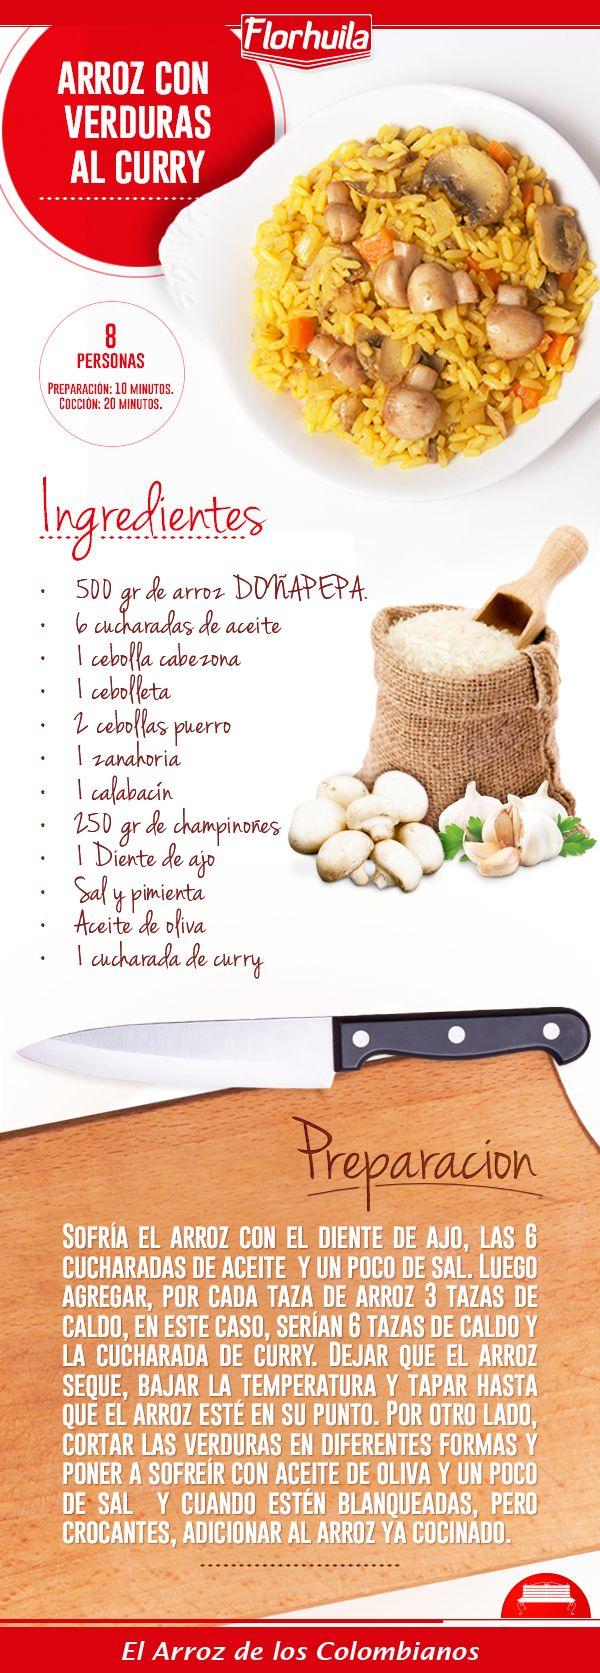 Arroz con verduras al curry, una opción deliciosa para un almuerzo diferente: http://bit.ly/1GQGSfe